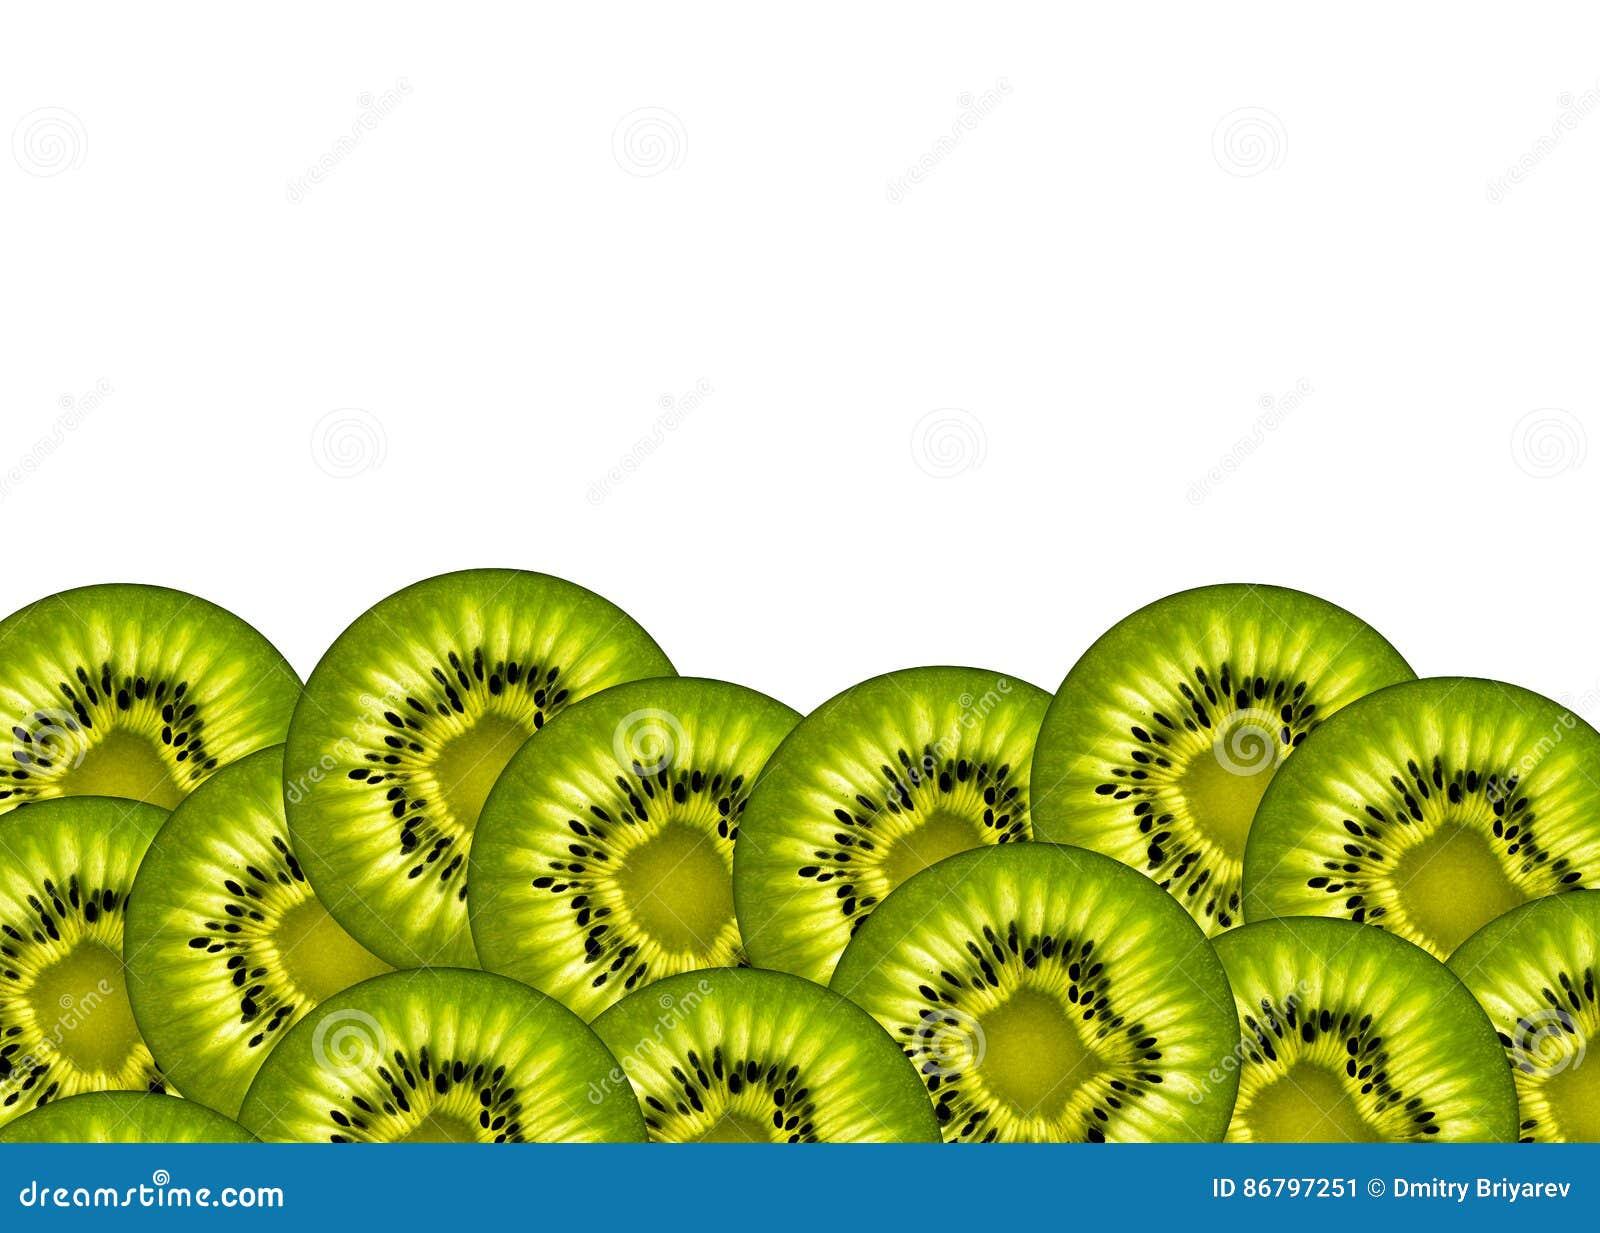 The image of kiwi for decoration royalty free stock photo for Decoration kiwi